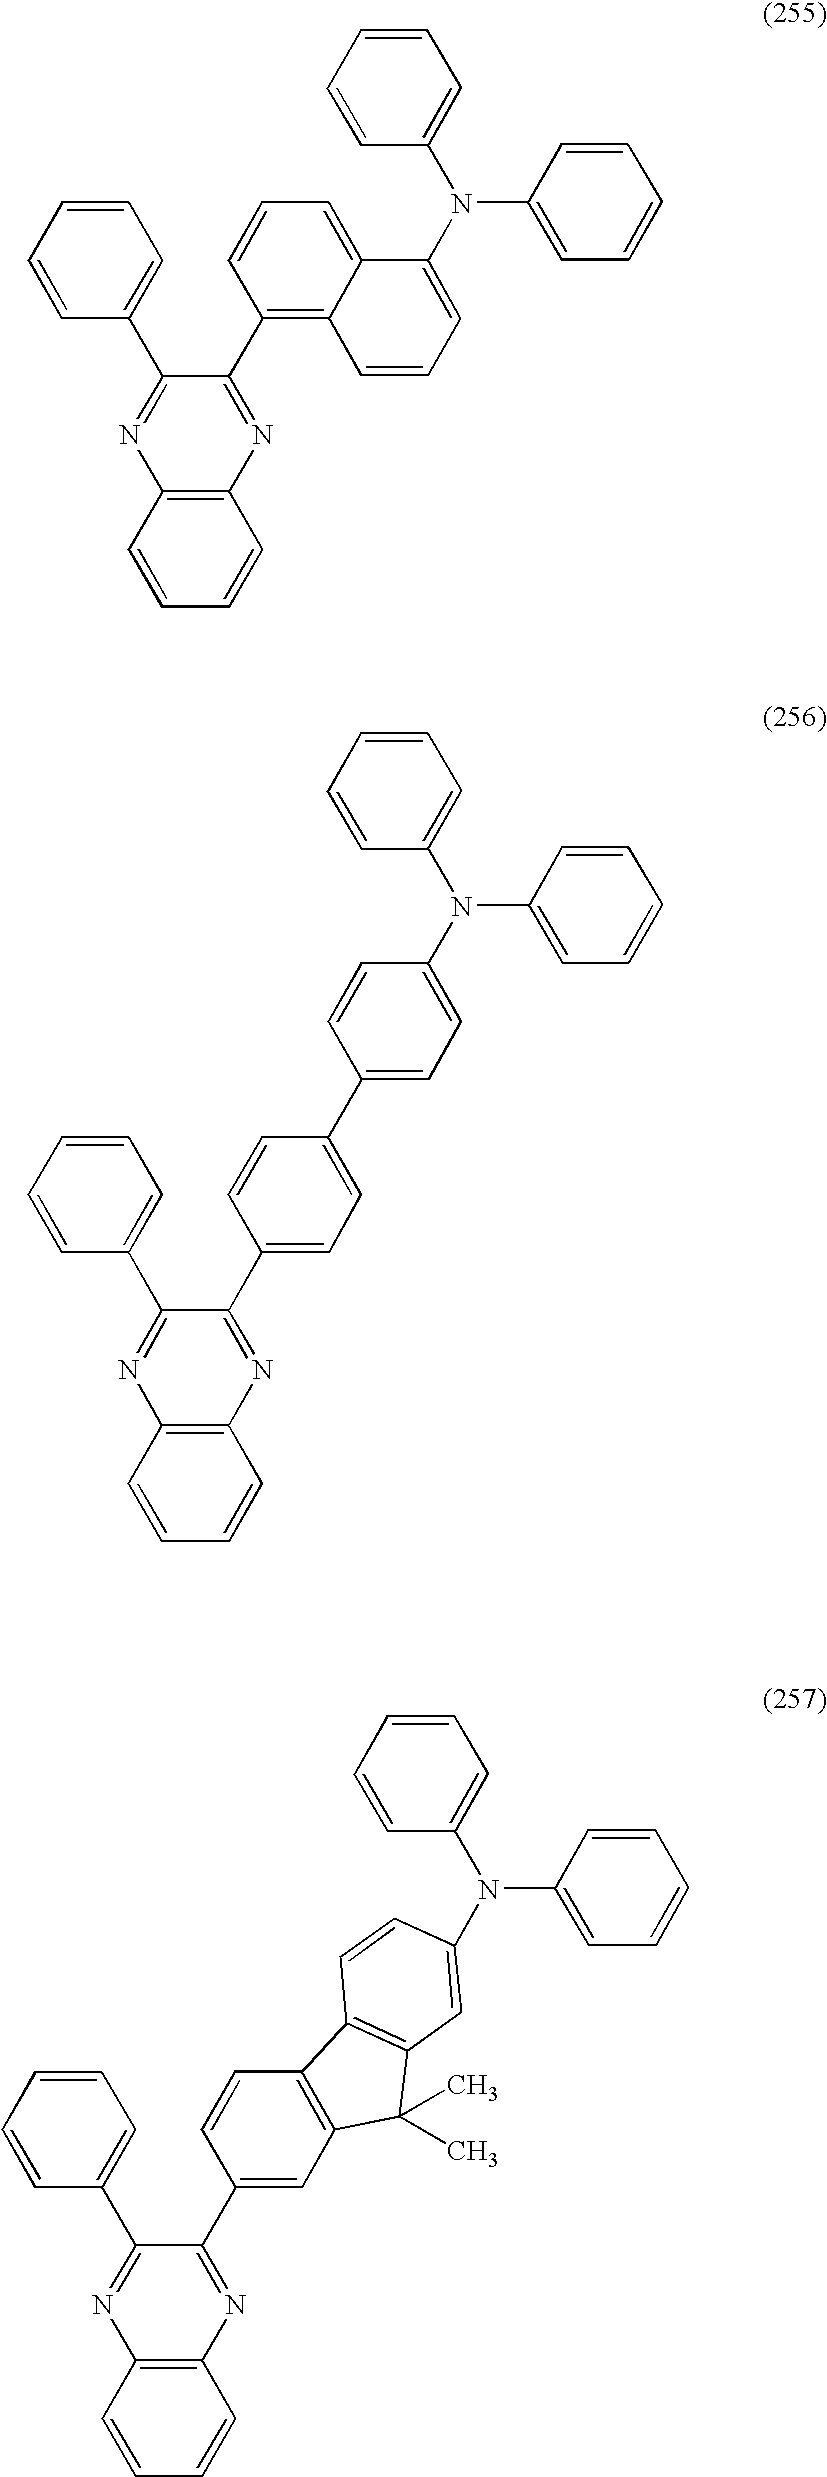 Figure US08178216-20120515-C00086